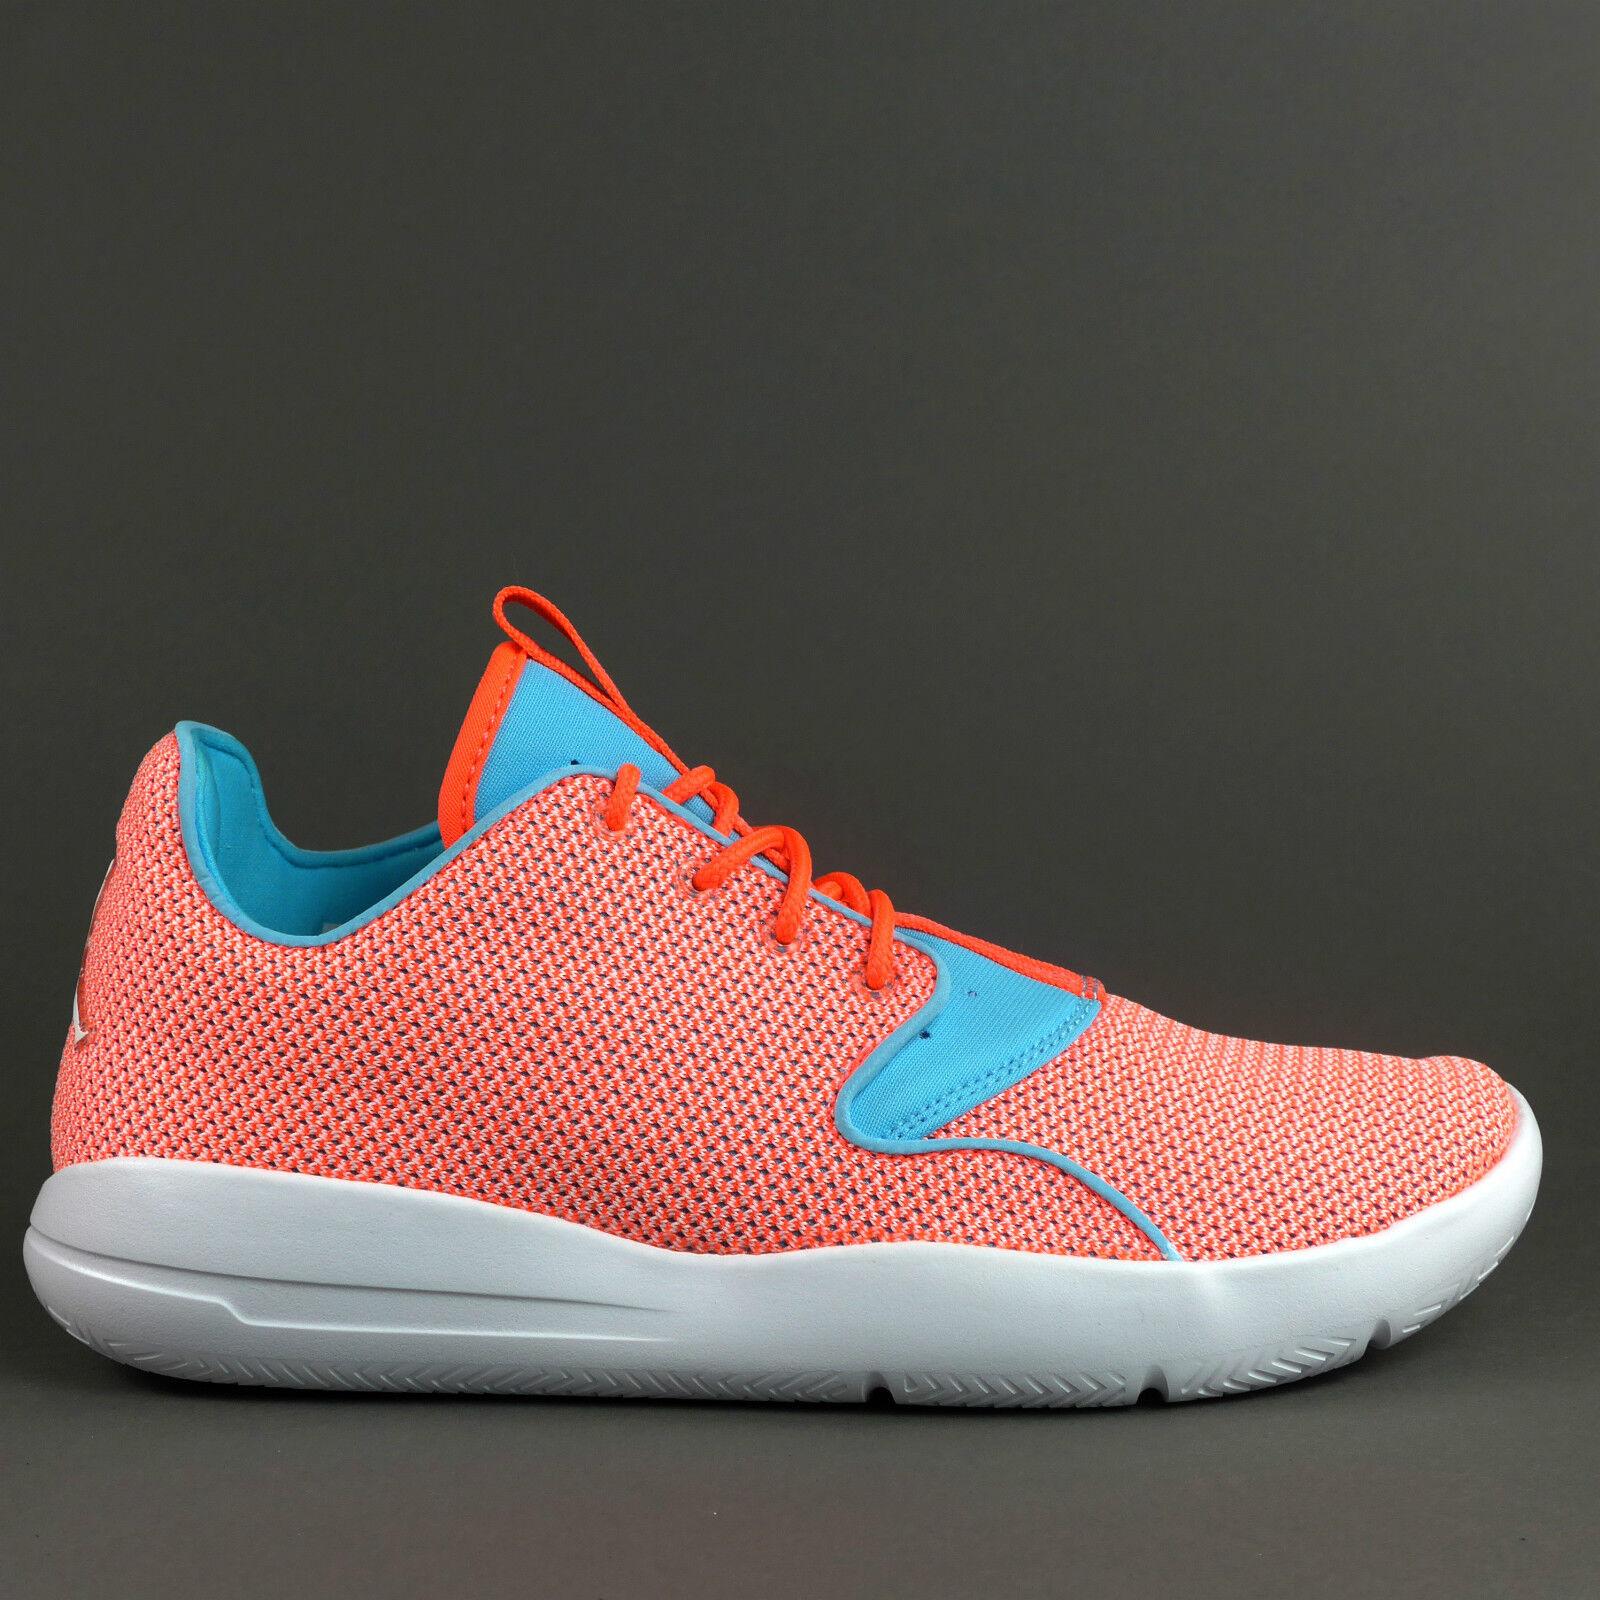 Zapatos promocionales para hombres y mujeres Nike Air Jordan Eclipse Zapatos NBA Baloncesto Niños